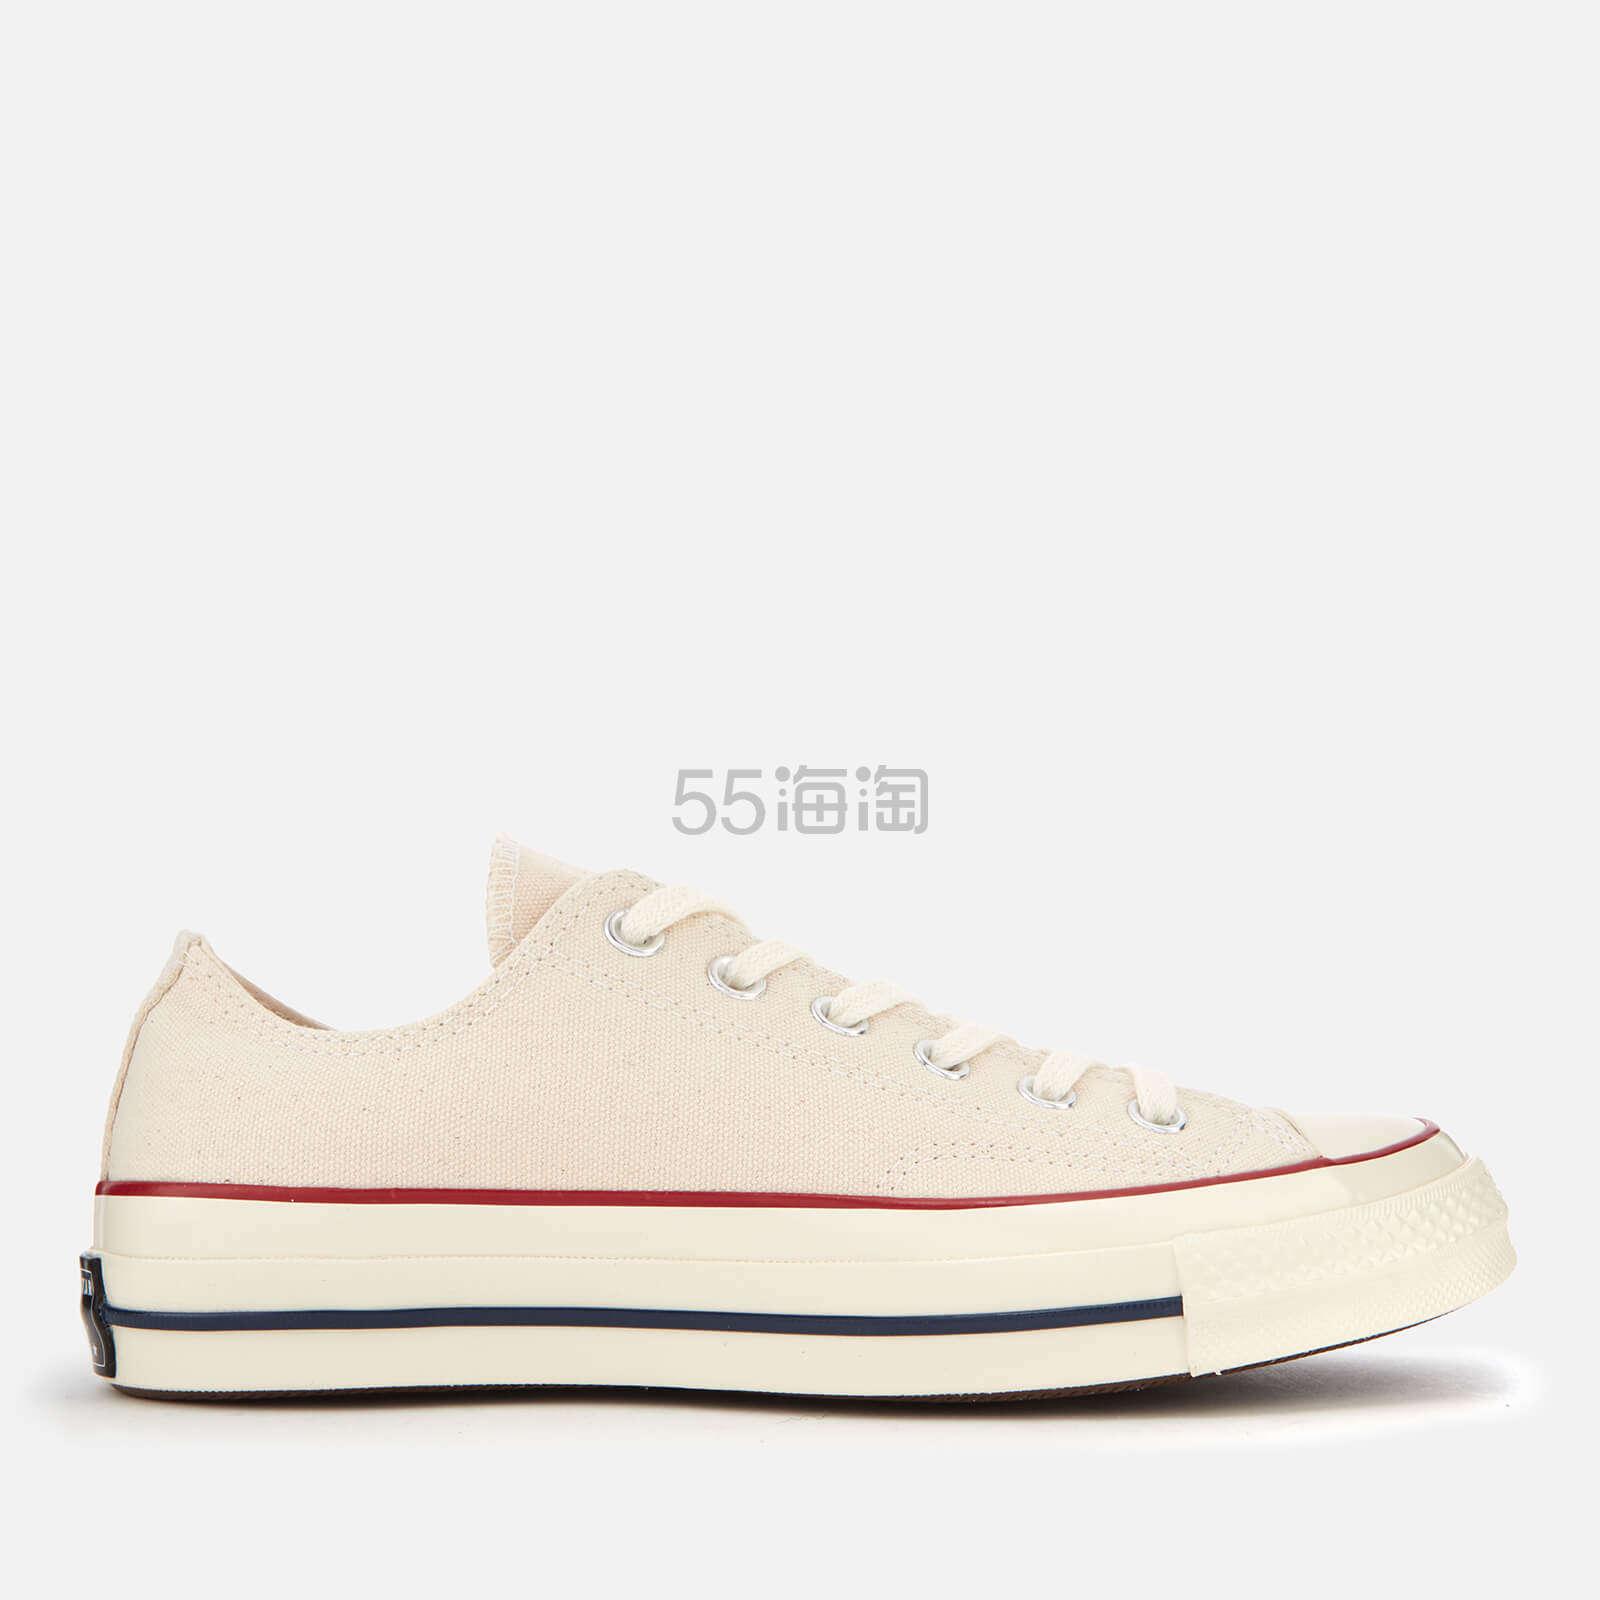 【码全 一双免邮】Converse Chuck 70 Ox 帆布鞋 ¥447.2 - 海淘优惠海淘折扣|55海淘网